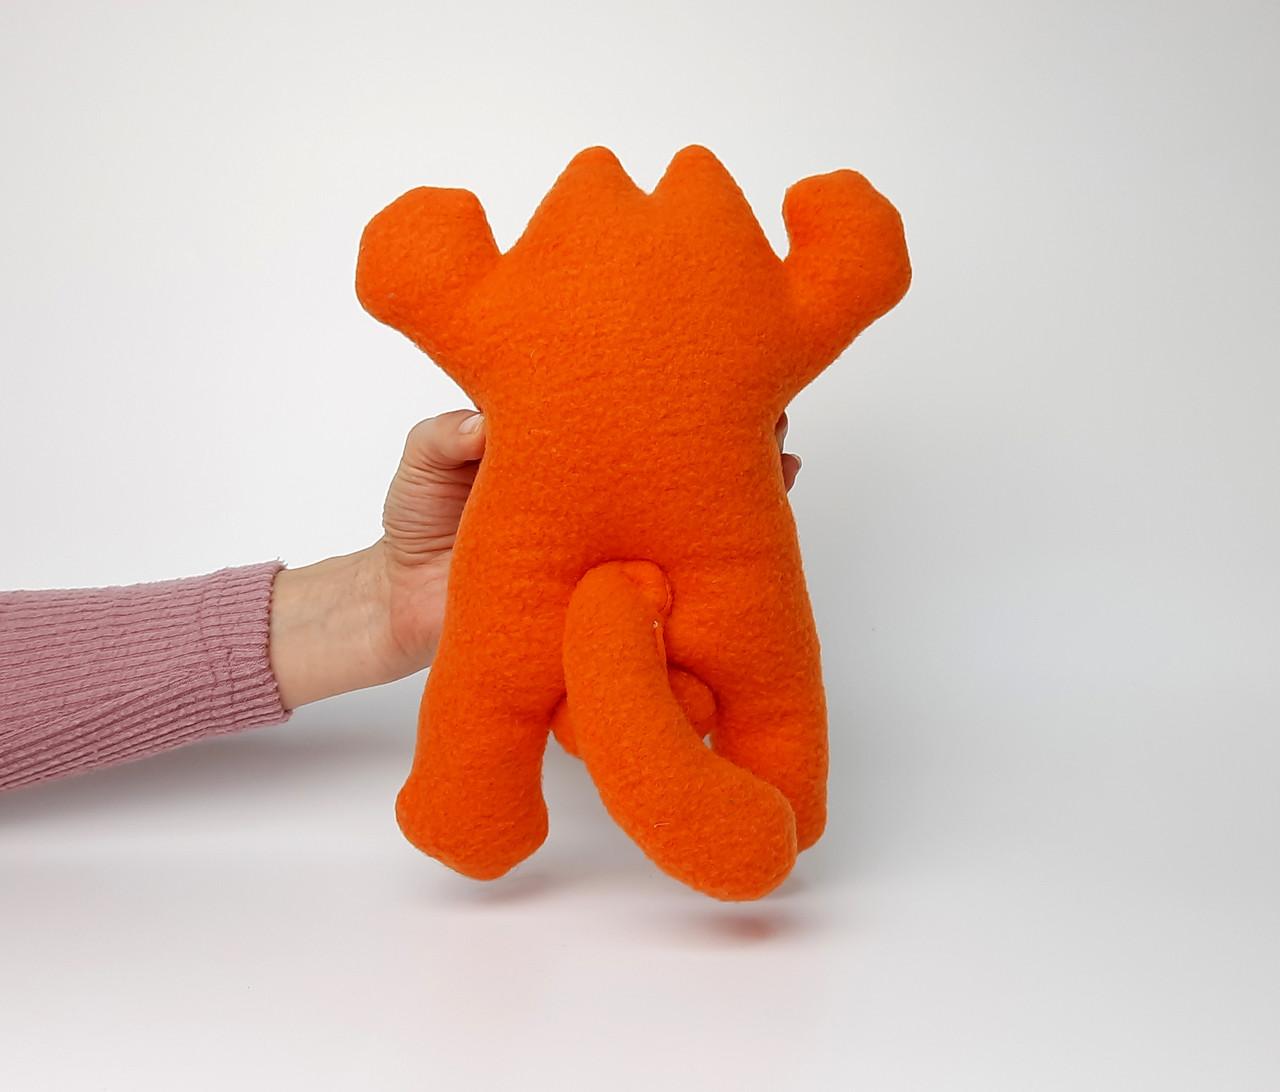 Саймон Кот рыжий на присосках - Сувенир в машину - Мягкая игрушка Кот Саймон - Подарок автомобилисту - фото 4